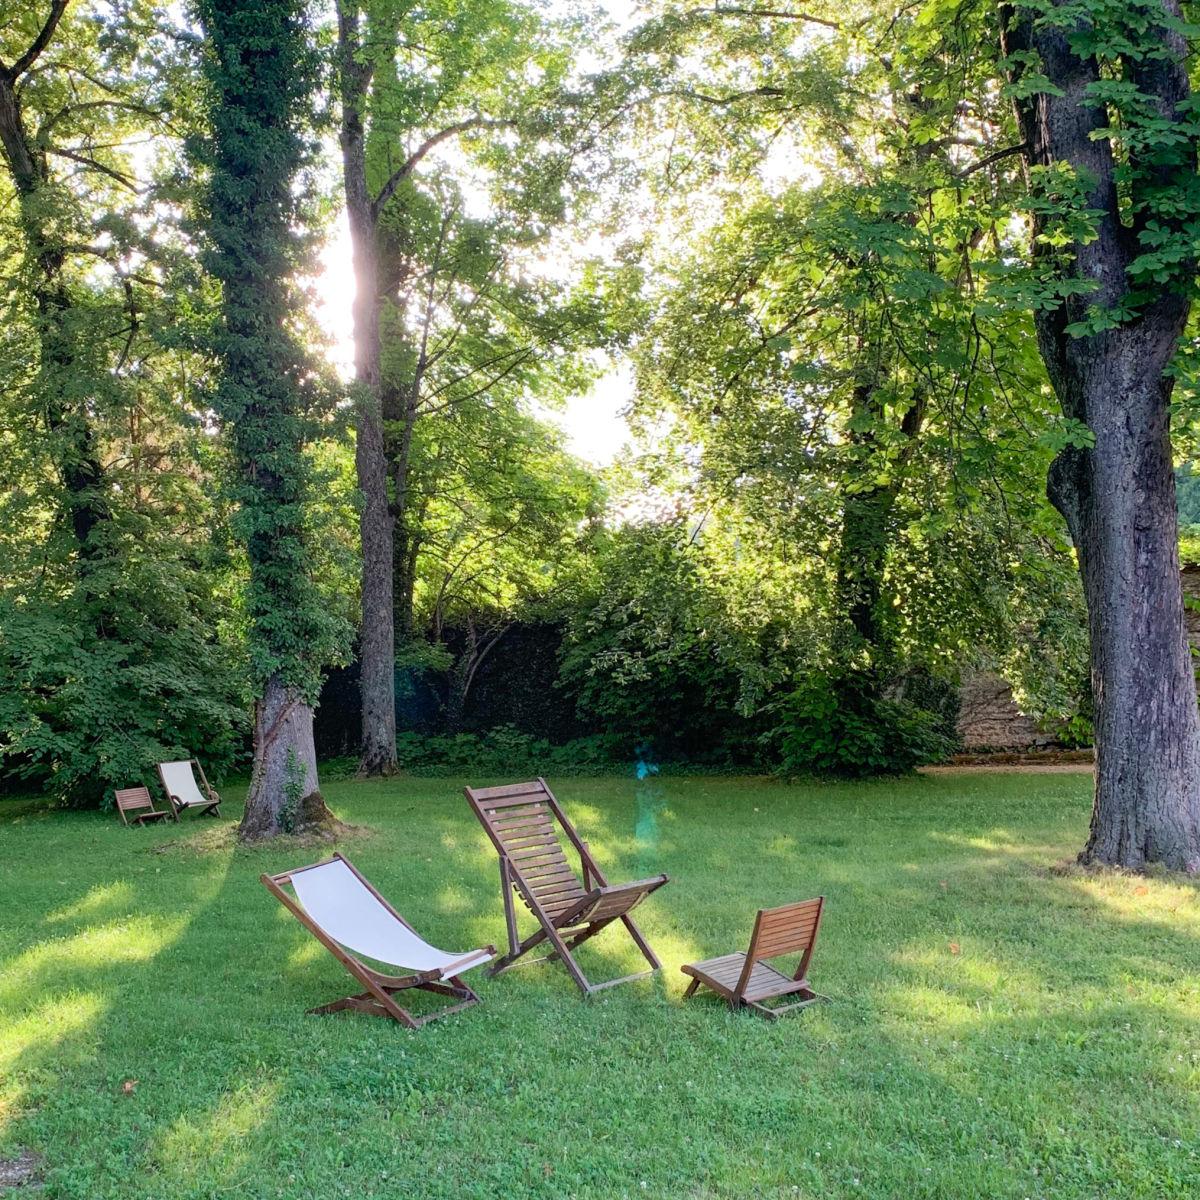 Lawn chairs in gardens at Hostellerie de Levernois, France. Details at une femme d'un certain age.